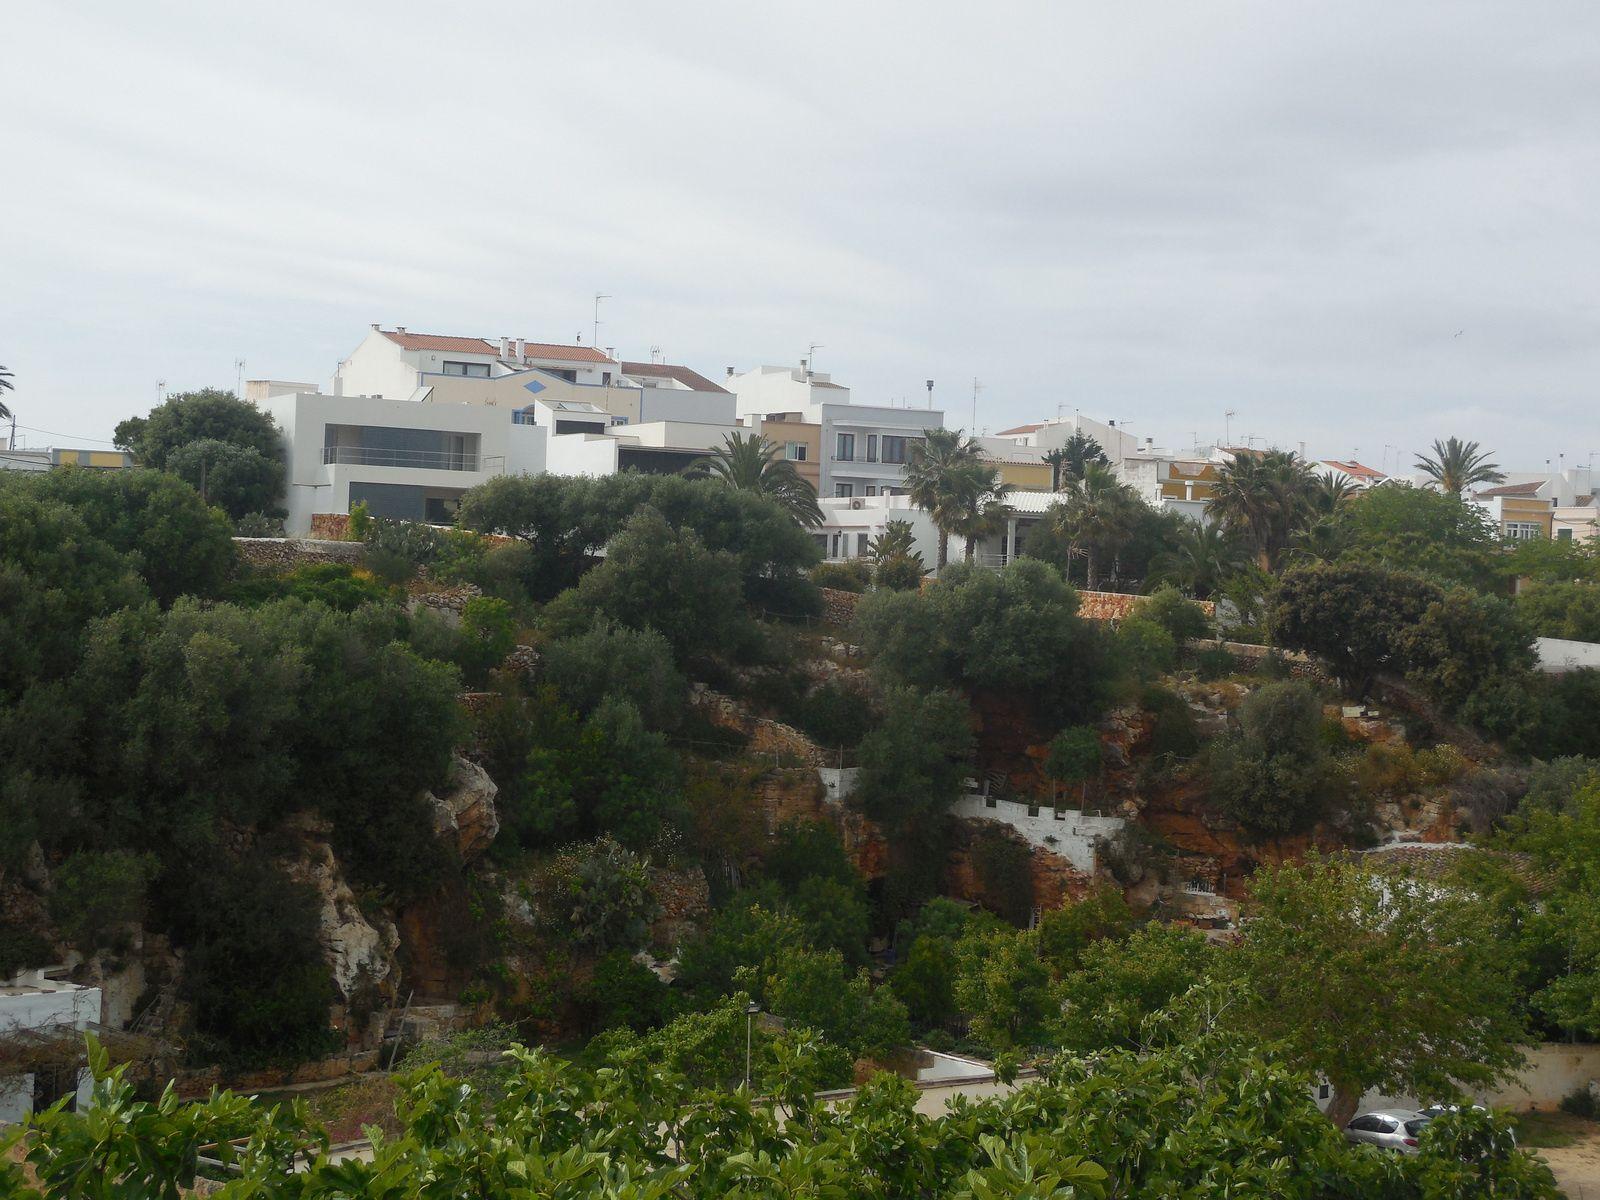 Anciens quartiers de Ciutadella avec de petits jardins...